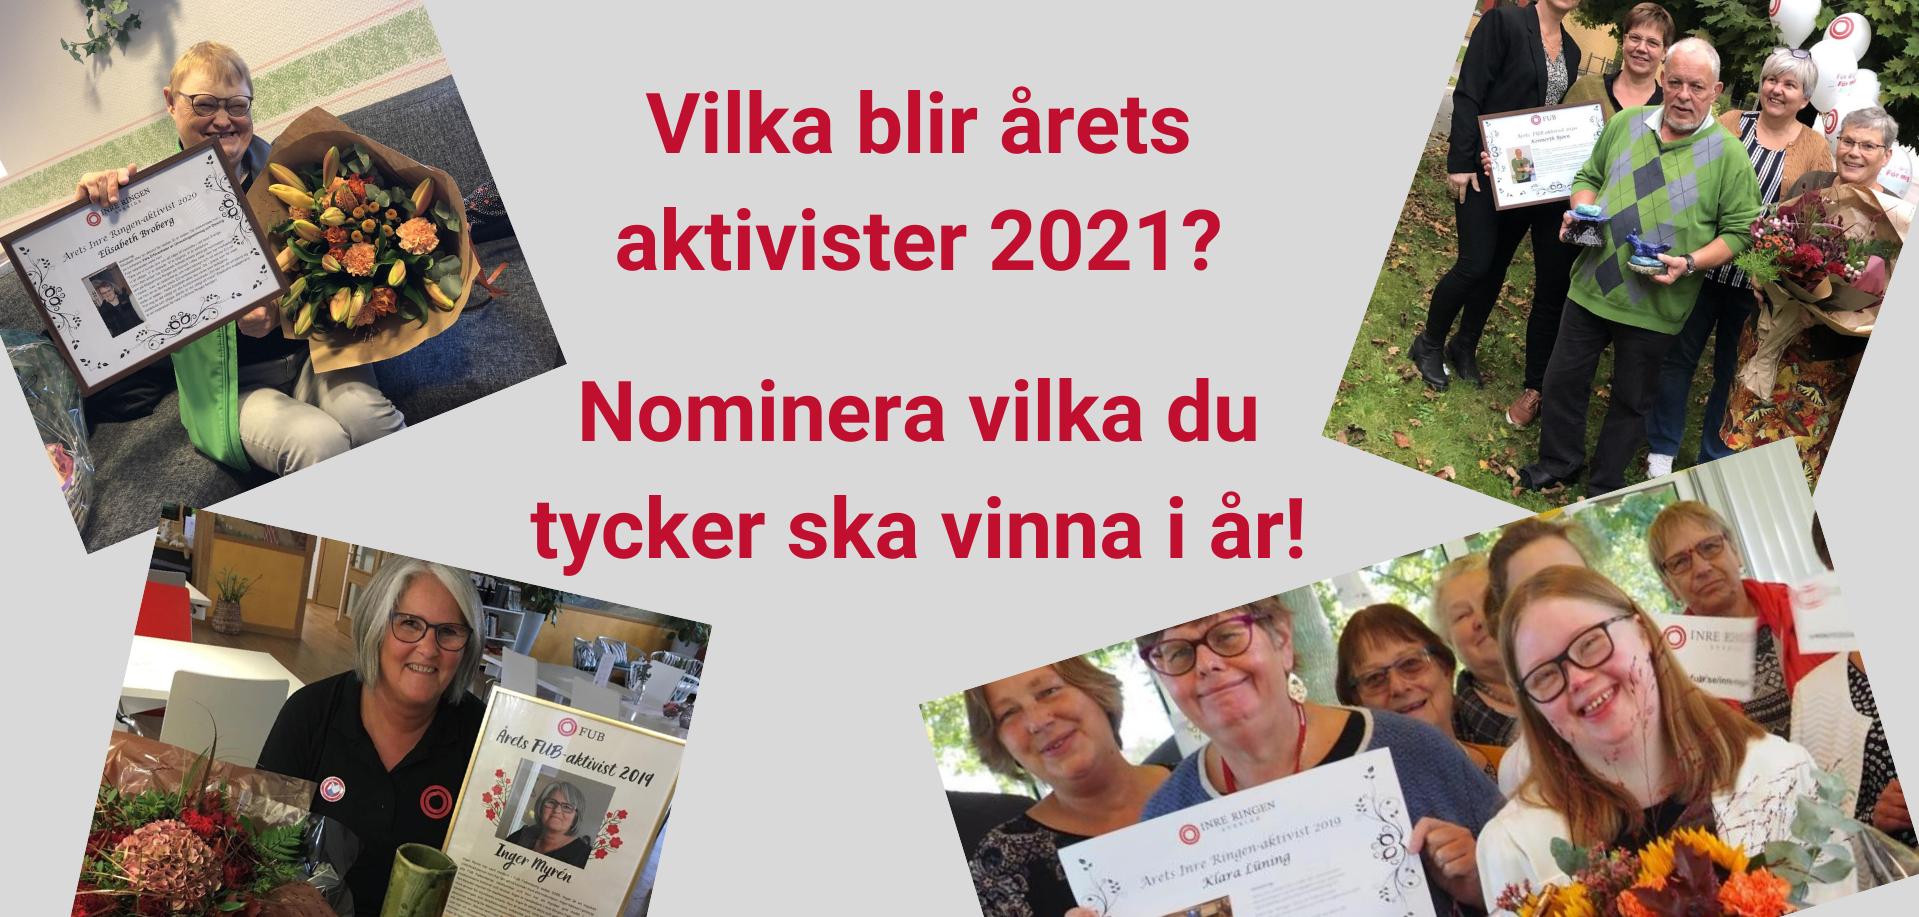 Vilka blir årets aktivister 2021? Nominera vilka du tycker ska vinna i år!